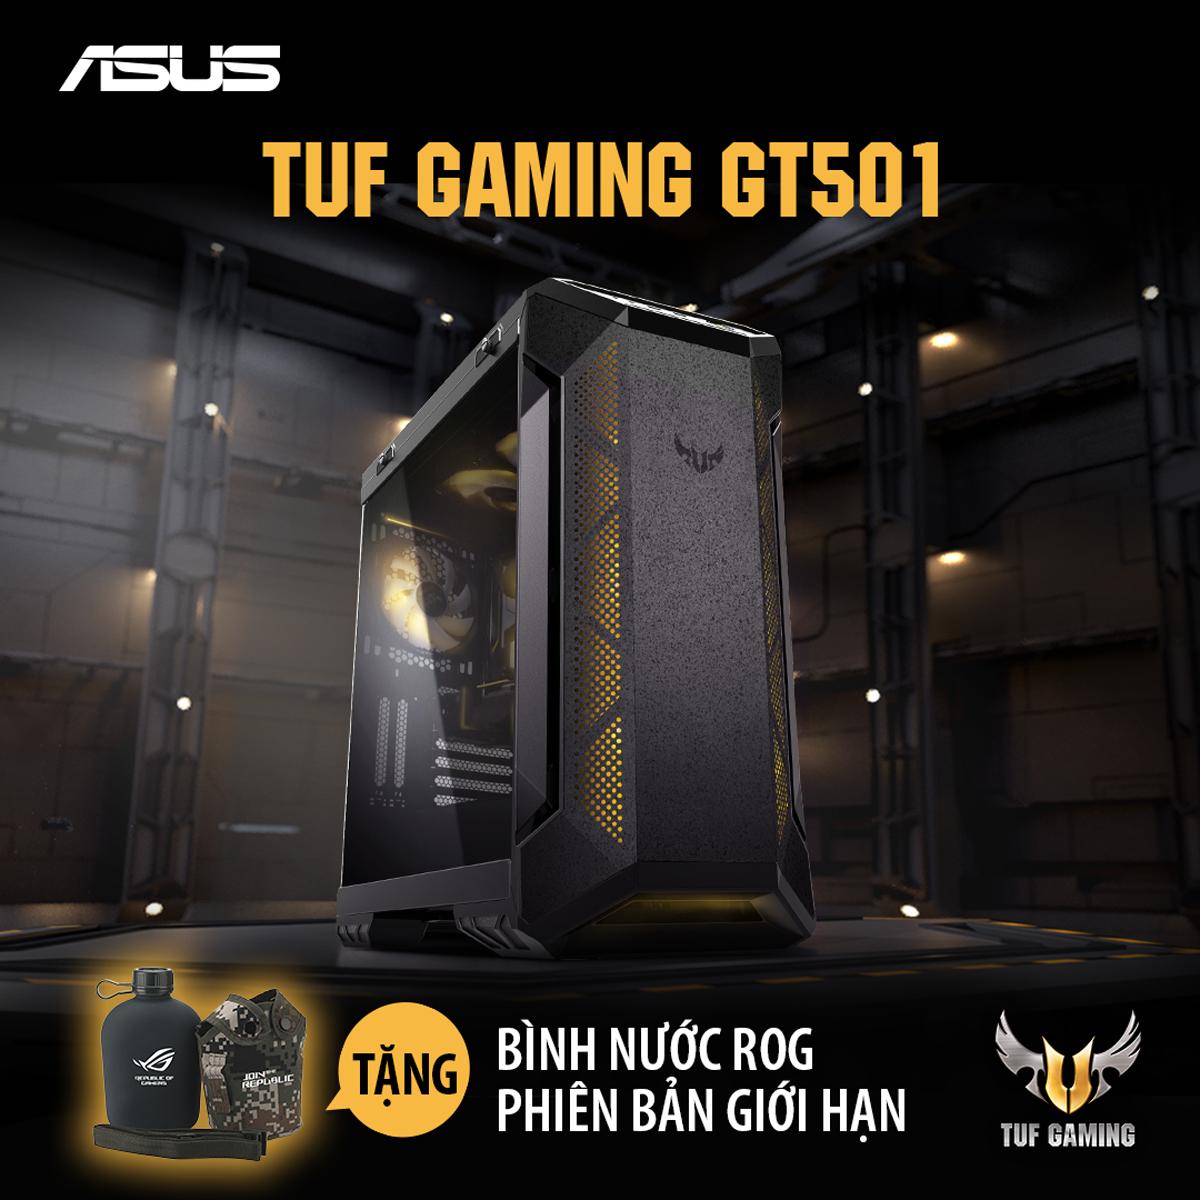 tuf-gt501-get-rog-bottle-1200x1200.png